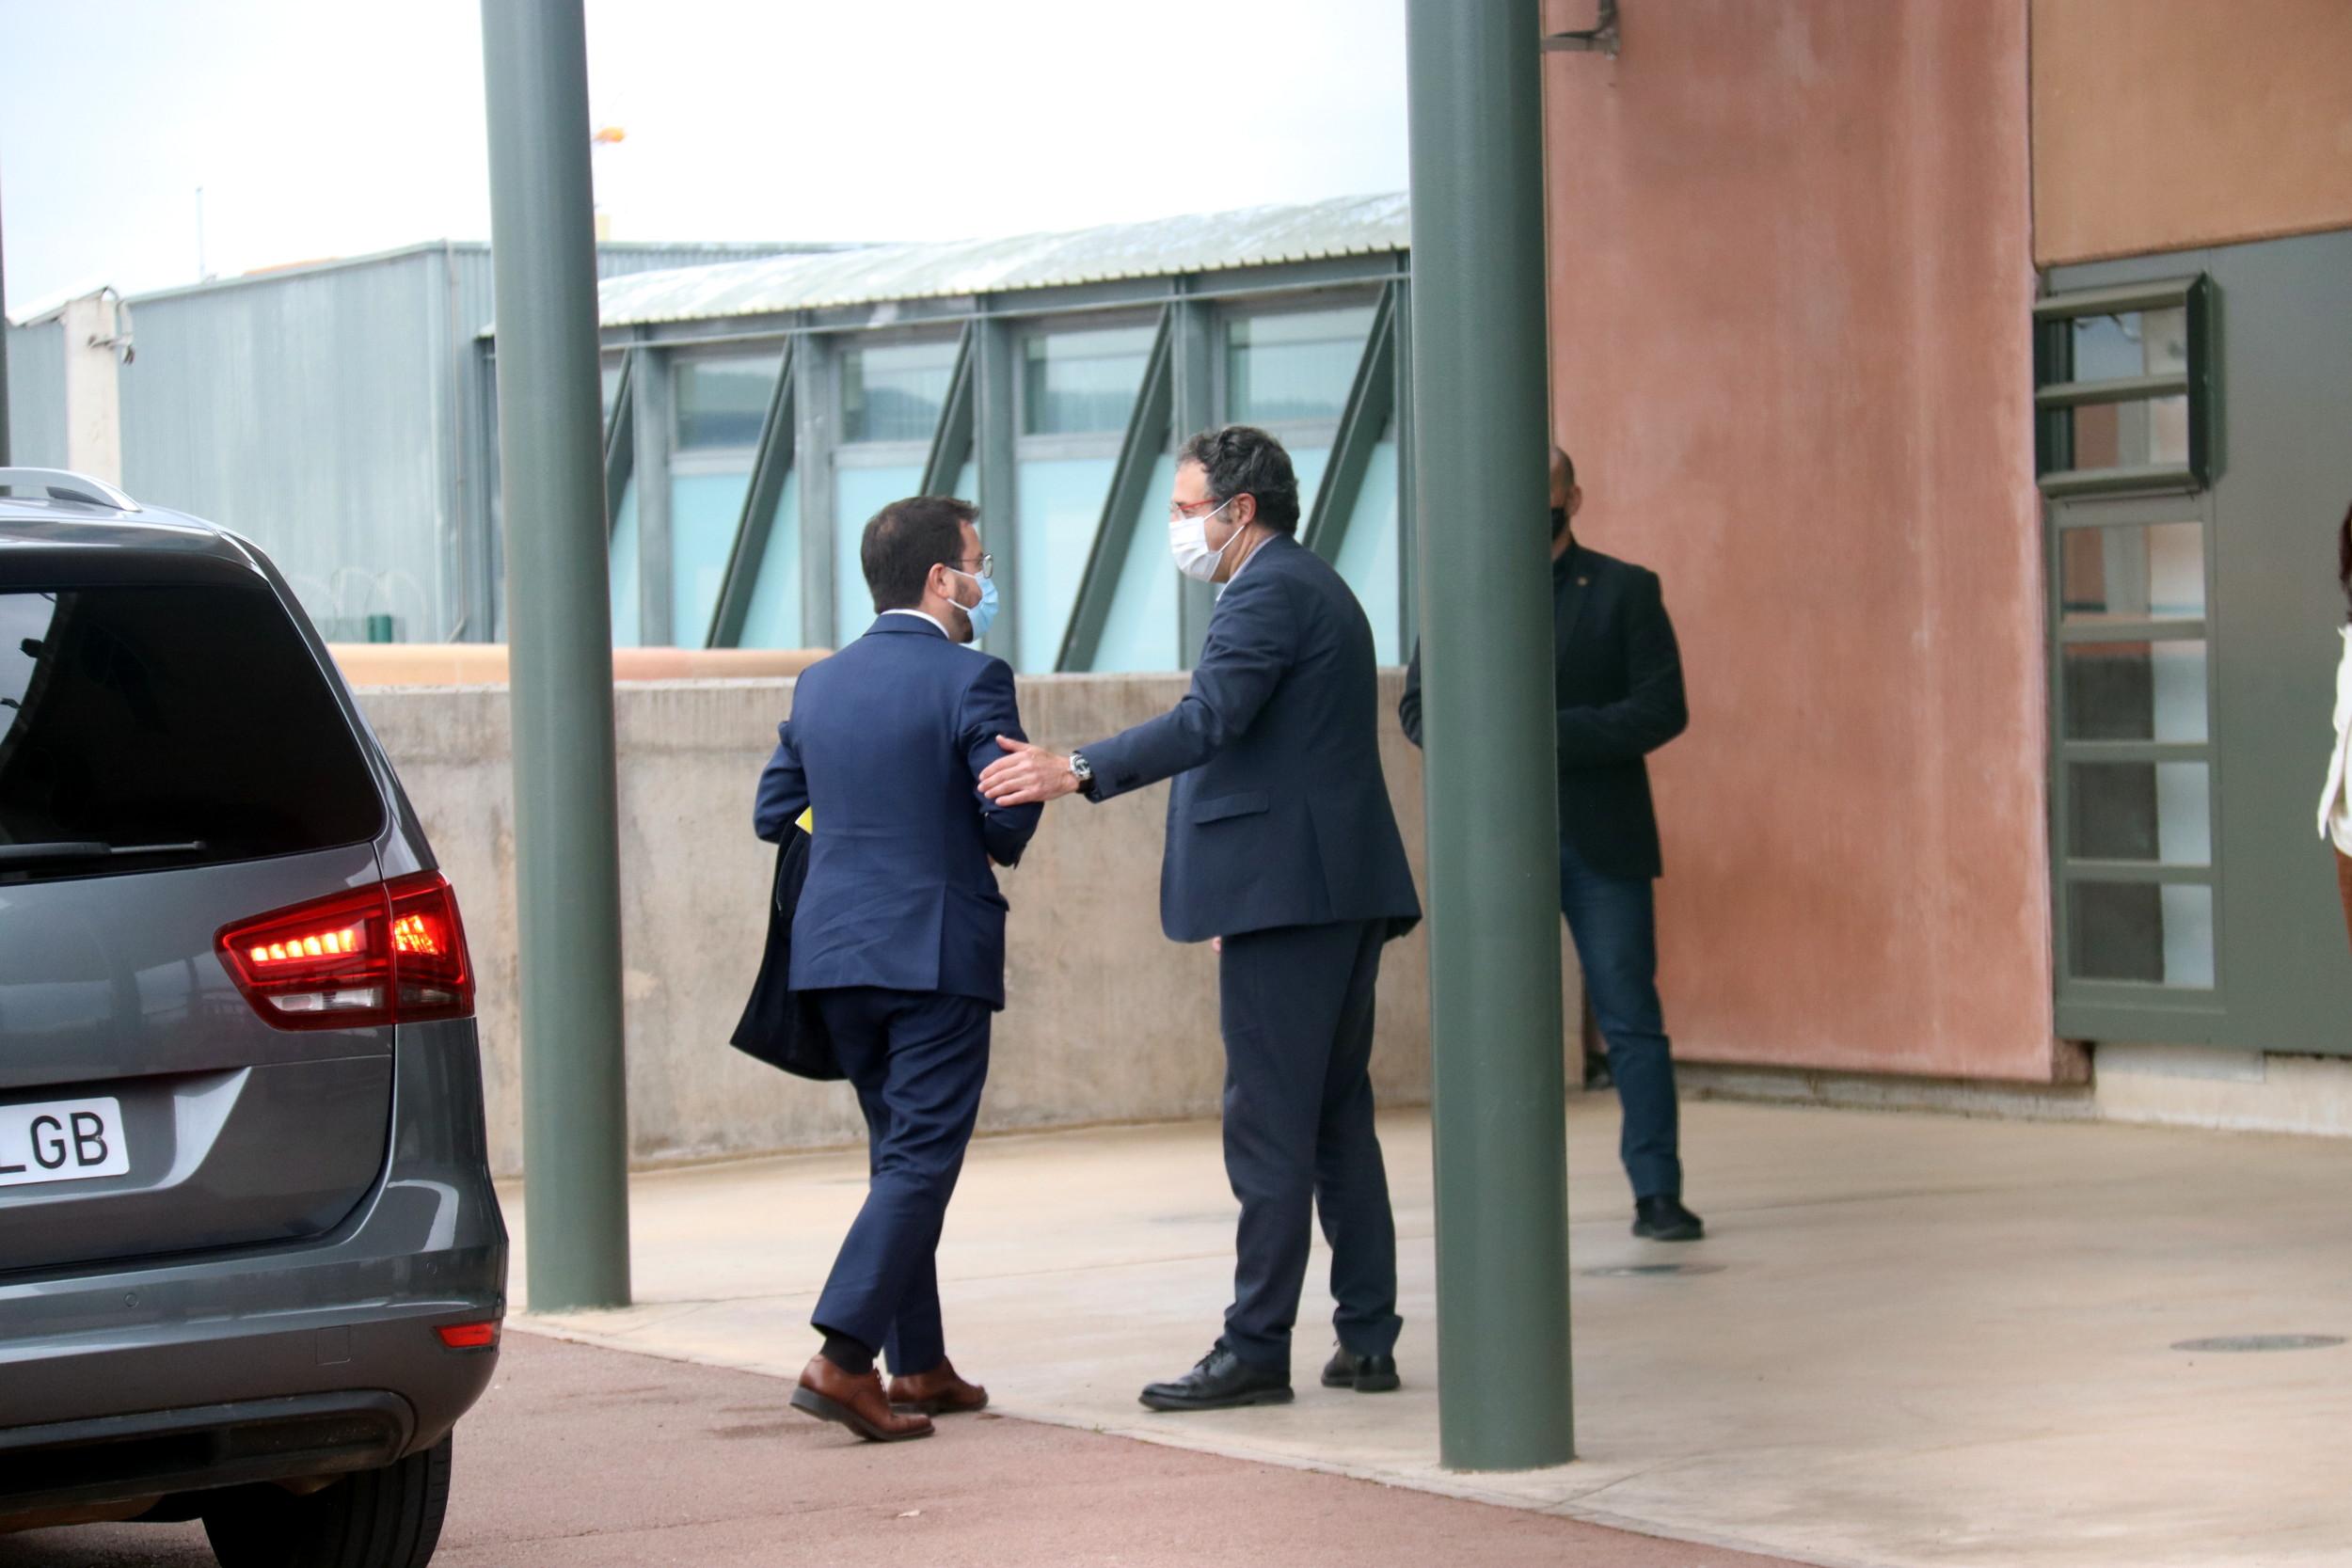 Moment en què el vicepresident Pere Aragonès surt del vehicle per entrar a la presó de Lledoners. 27 d'abril de 2021 / ACN